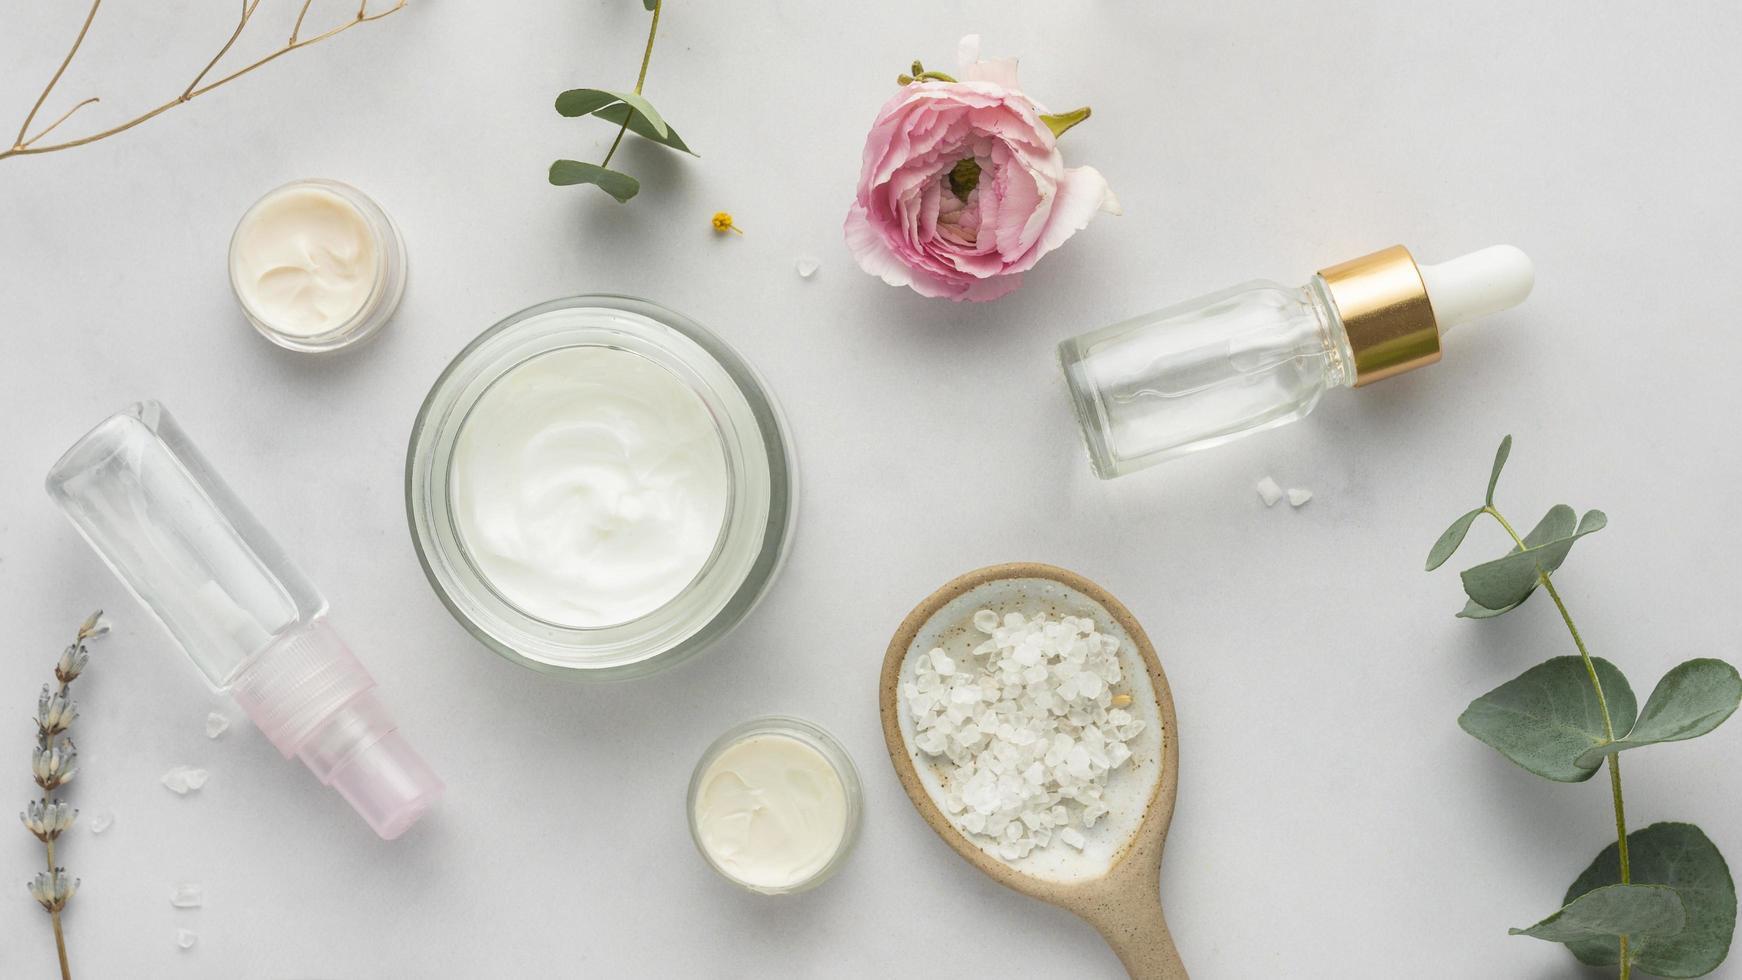 Gesichtscreme und Blumen auf weißem Hintergrund foto